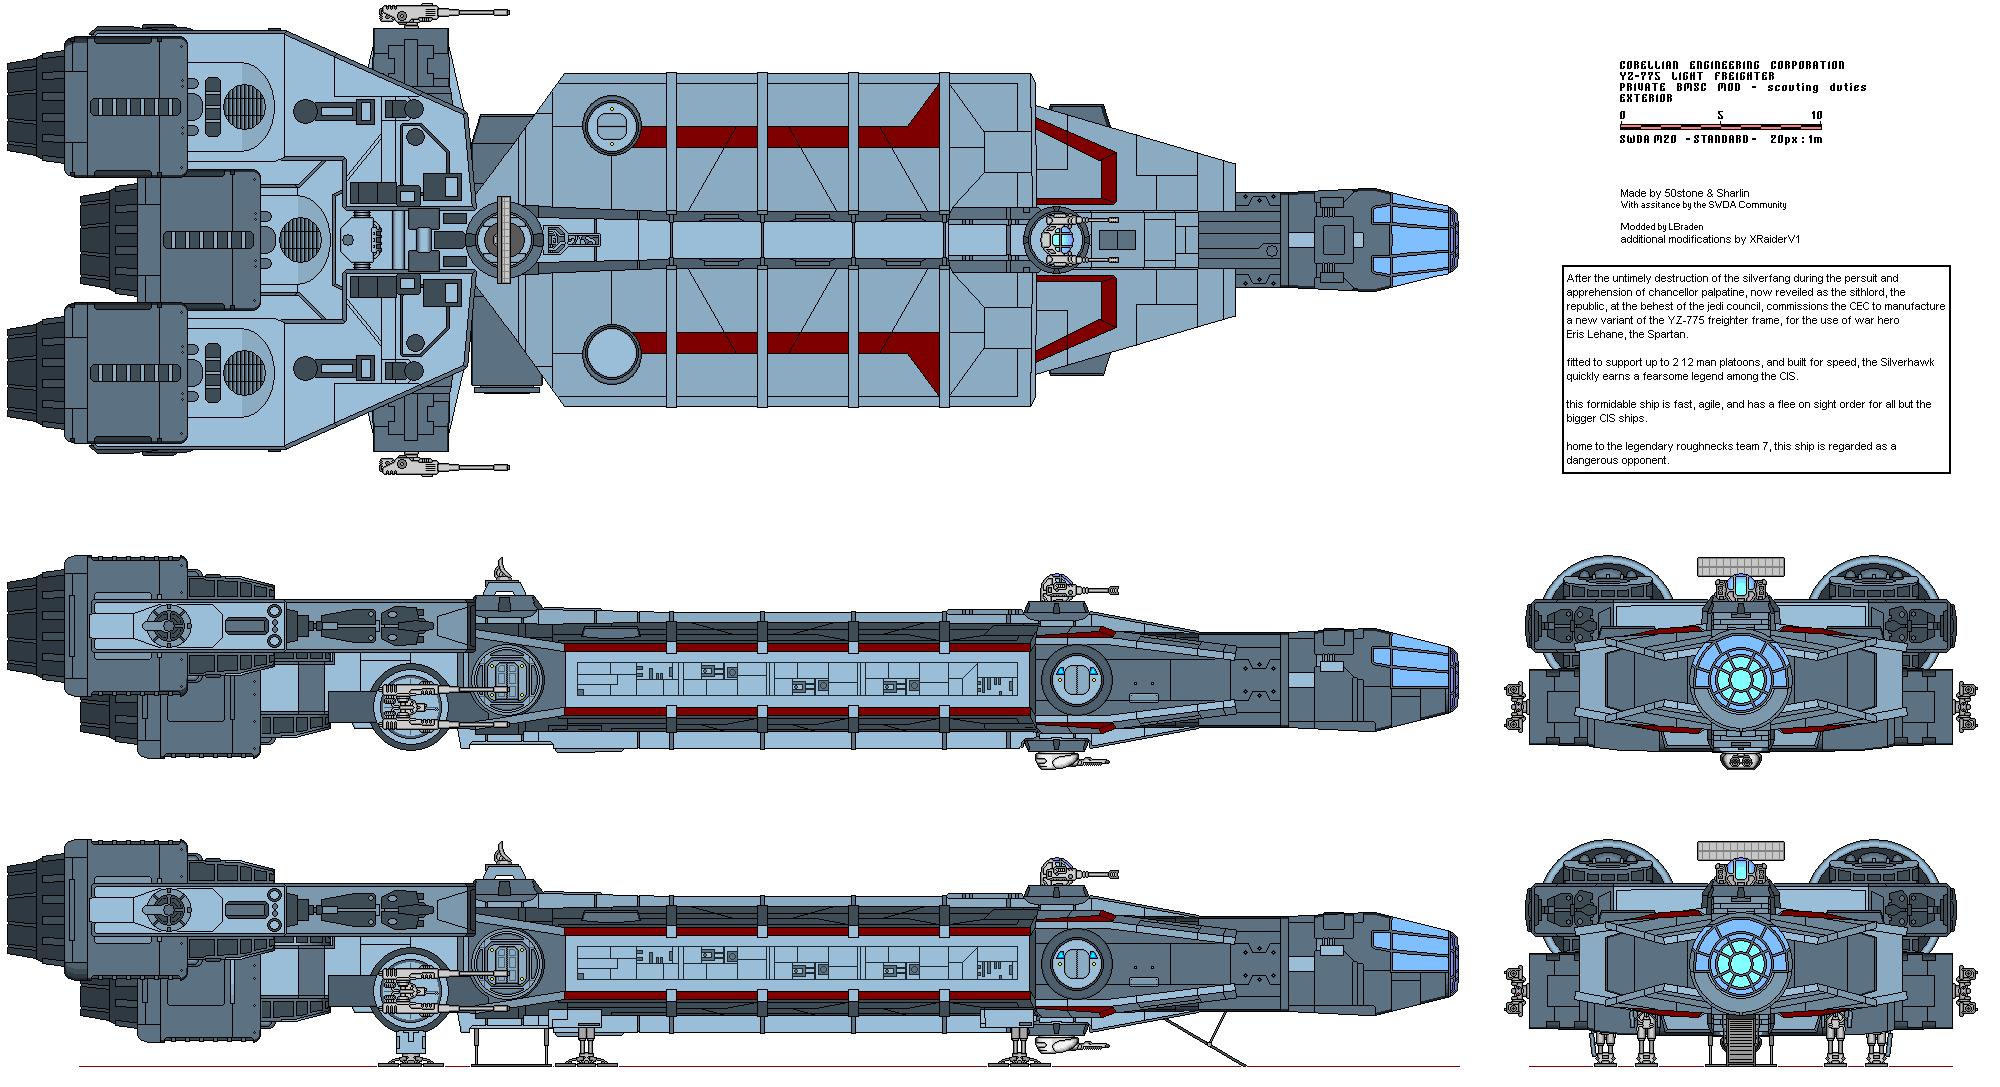 YZ-775-A silverhawk external by XRaiderV1